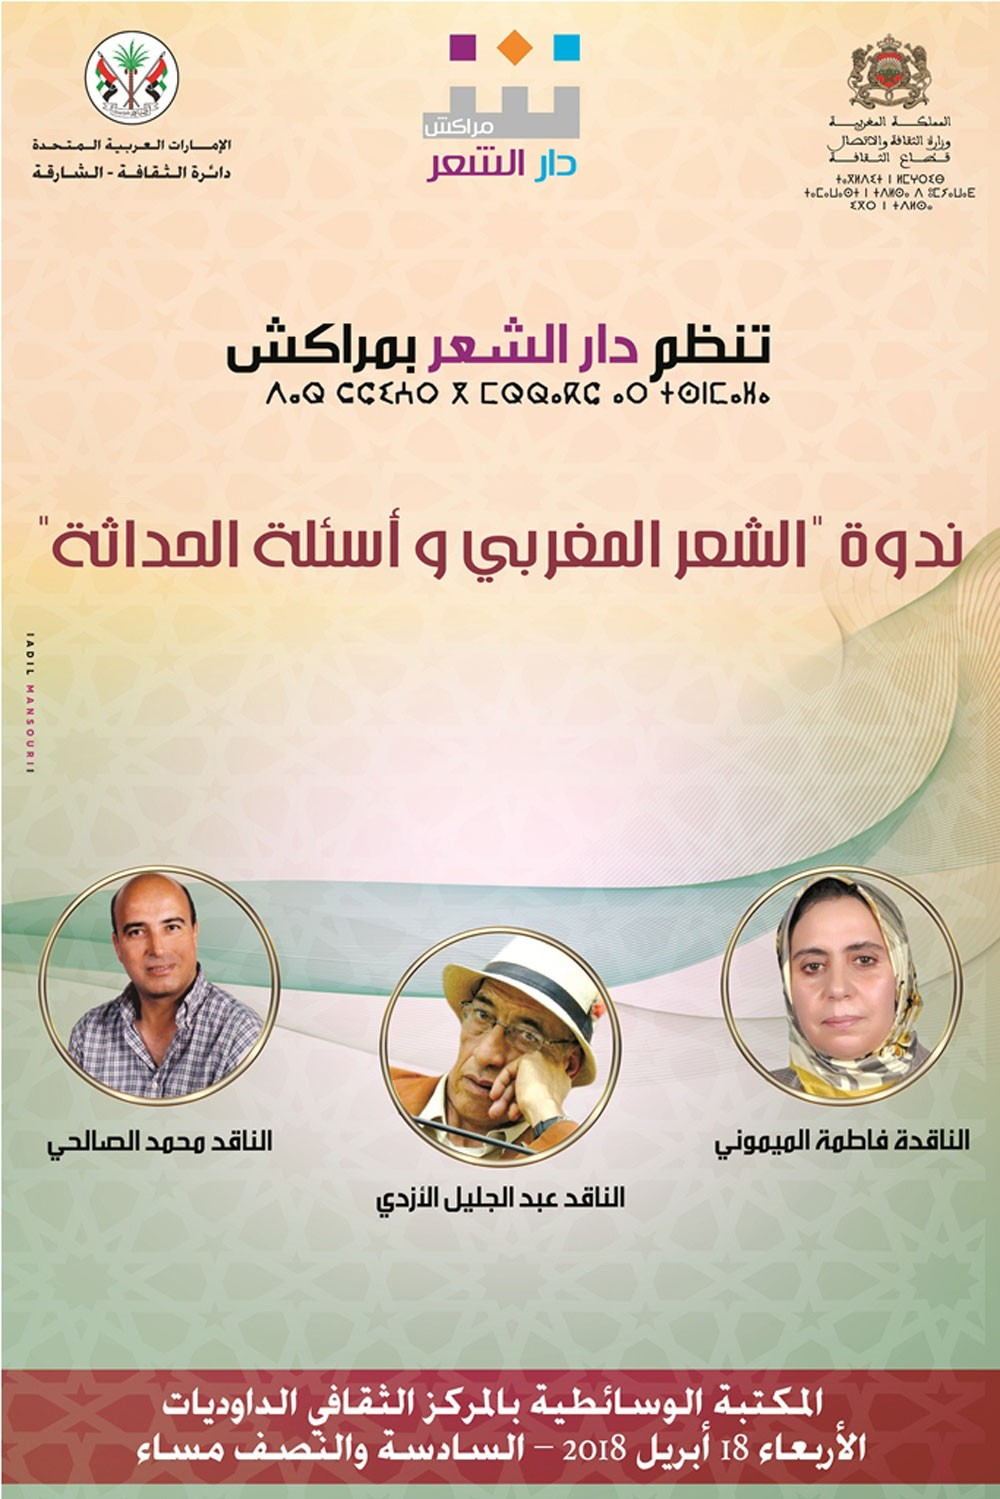 """ندوة بعنوان """"الشعر المغربي وأسئلة الحداثة"""" في مراكش"""